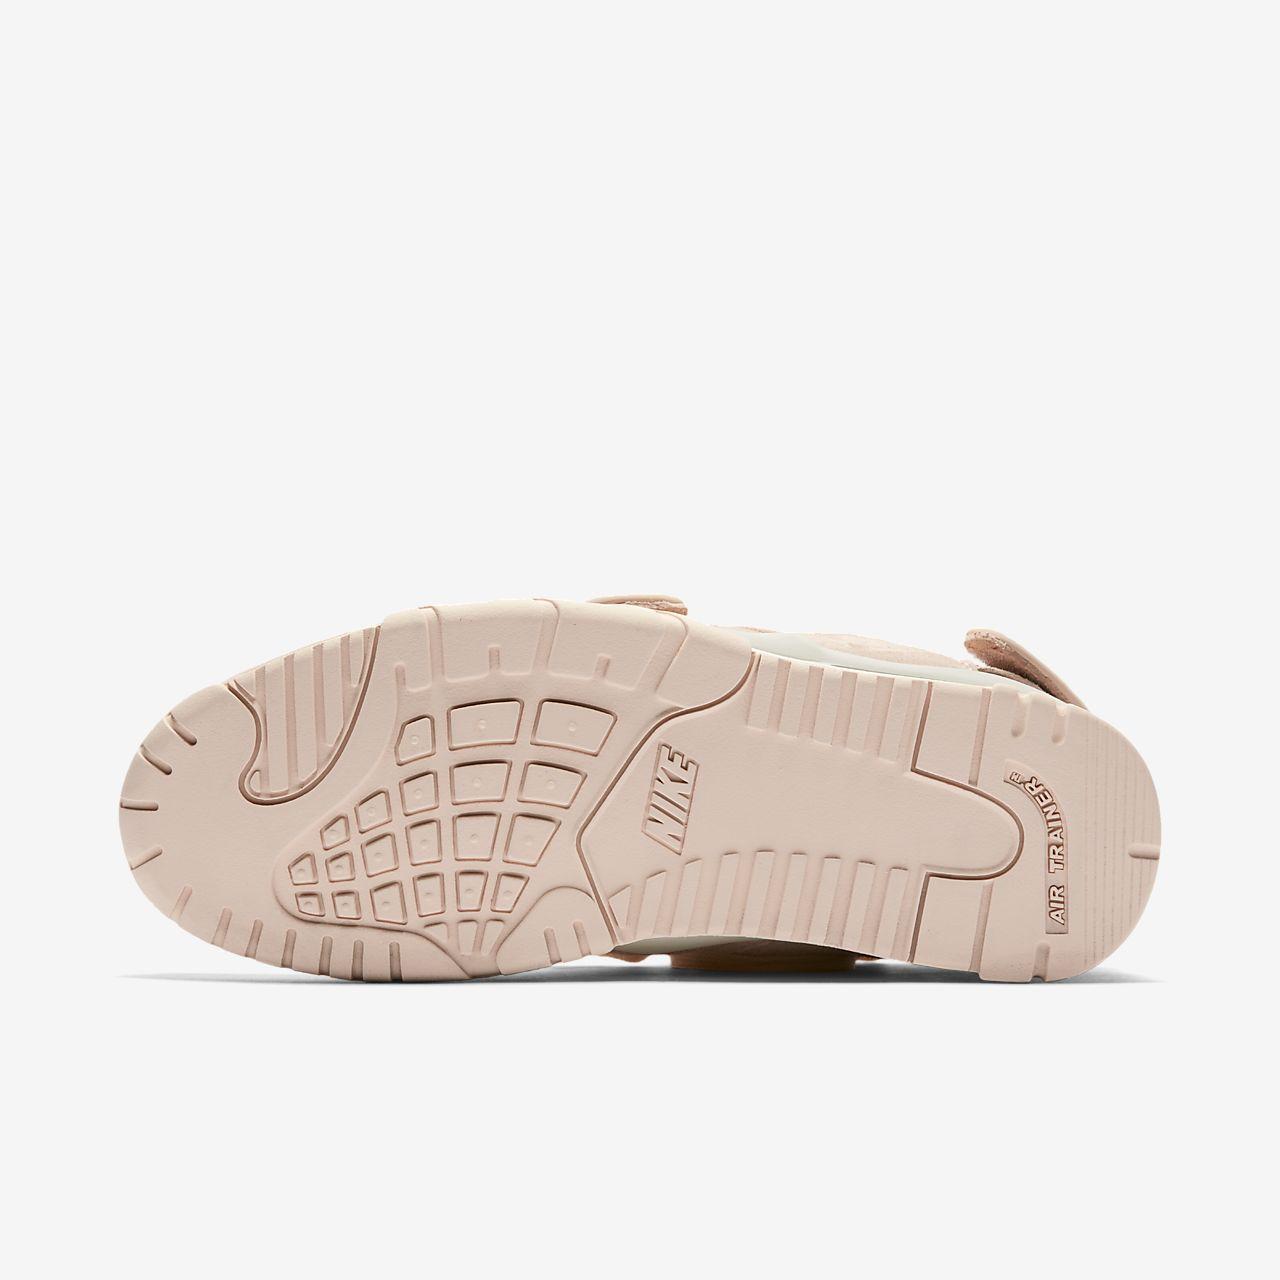 CruzPour Nike Chaussure Trainer Qsvictor Air Homme CQtsdhrx